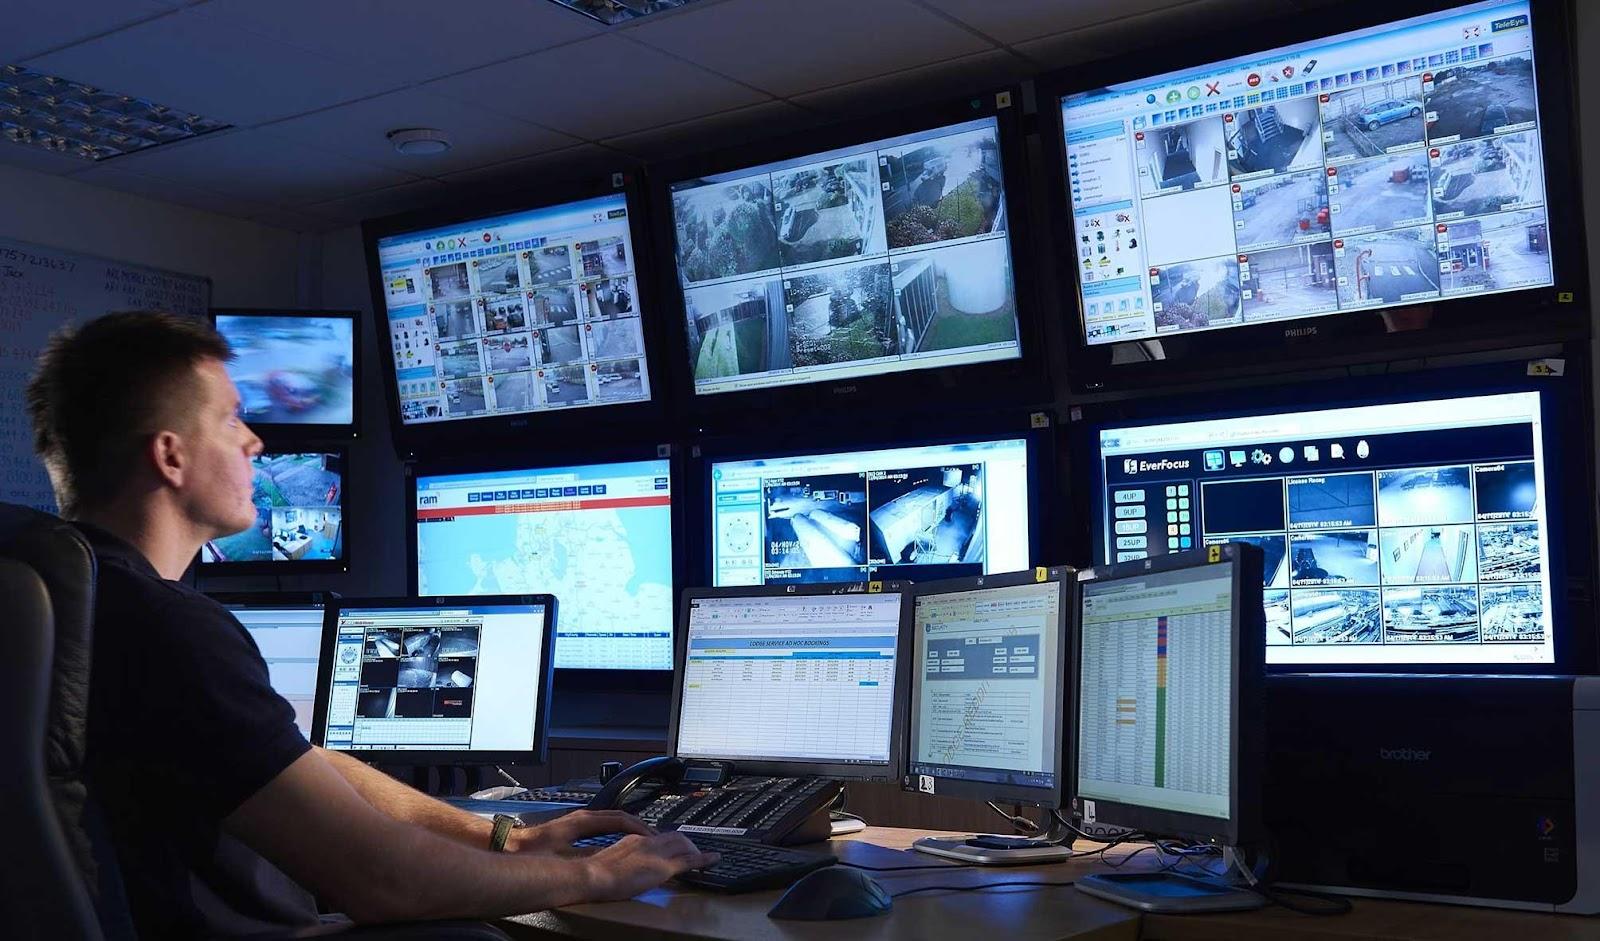 Hoạt động các khu vực được giám sát bởi camera